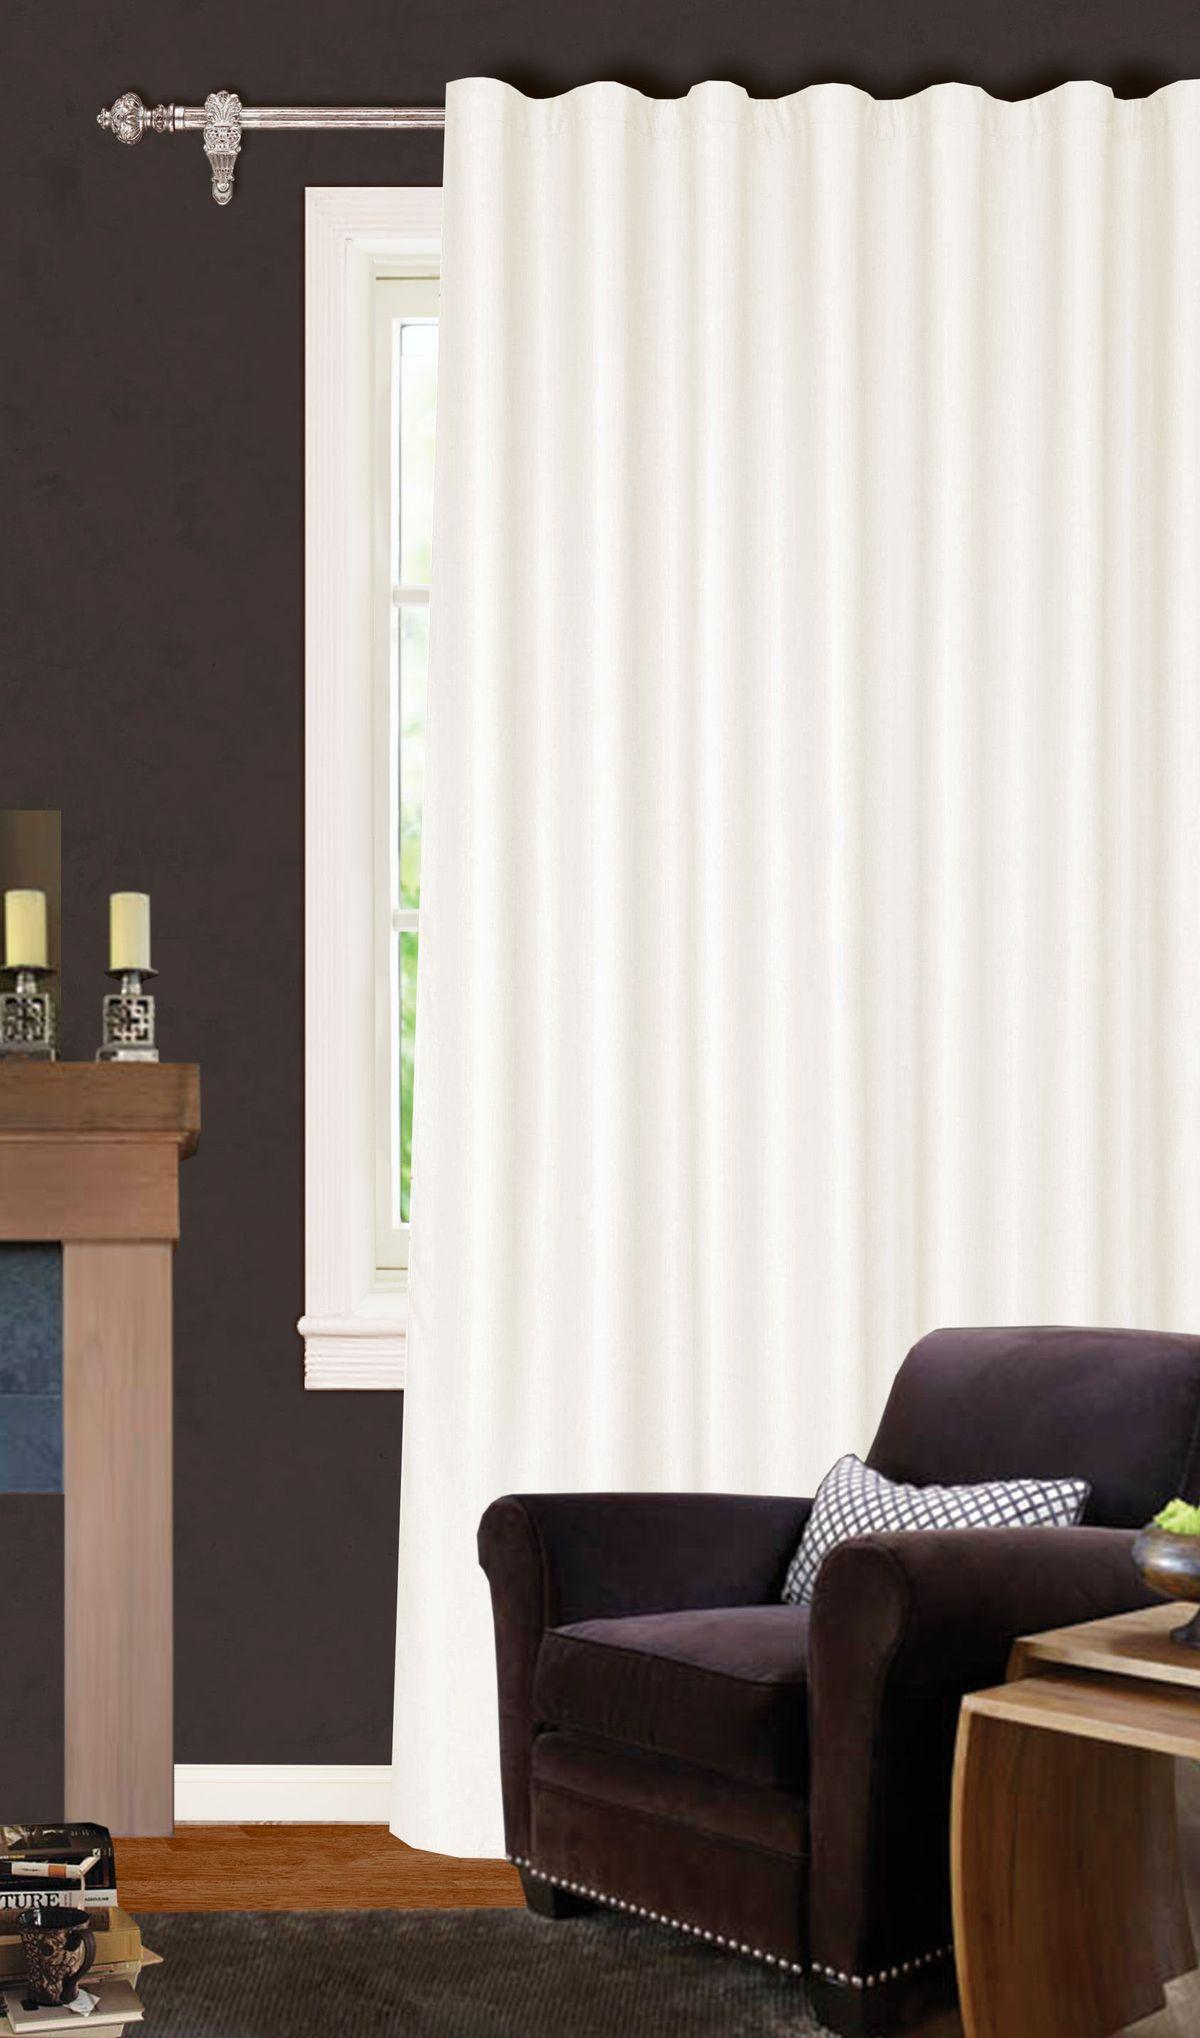 Штора Garden, на ленте, цвет: экрю, высота 260 см. С W1223 V71173704493Изящная штора для гостиной Garden выполнена из ткани с оригинальной структурой. Приятная текстура и цвет штор привлекут к себе внимание и органично впишутся в интерьер помещения. Штора крепится на карниз при помощи ленты, которая поможет красиво и равномерно задрапировать верх.